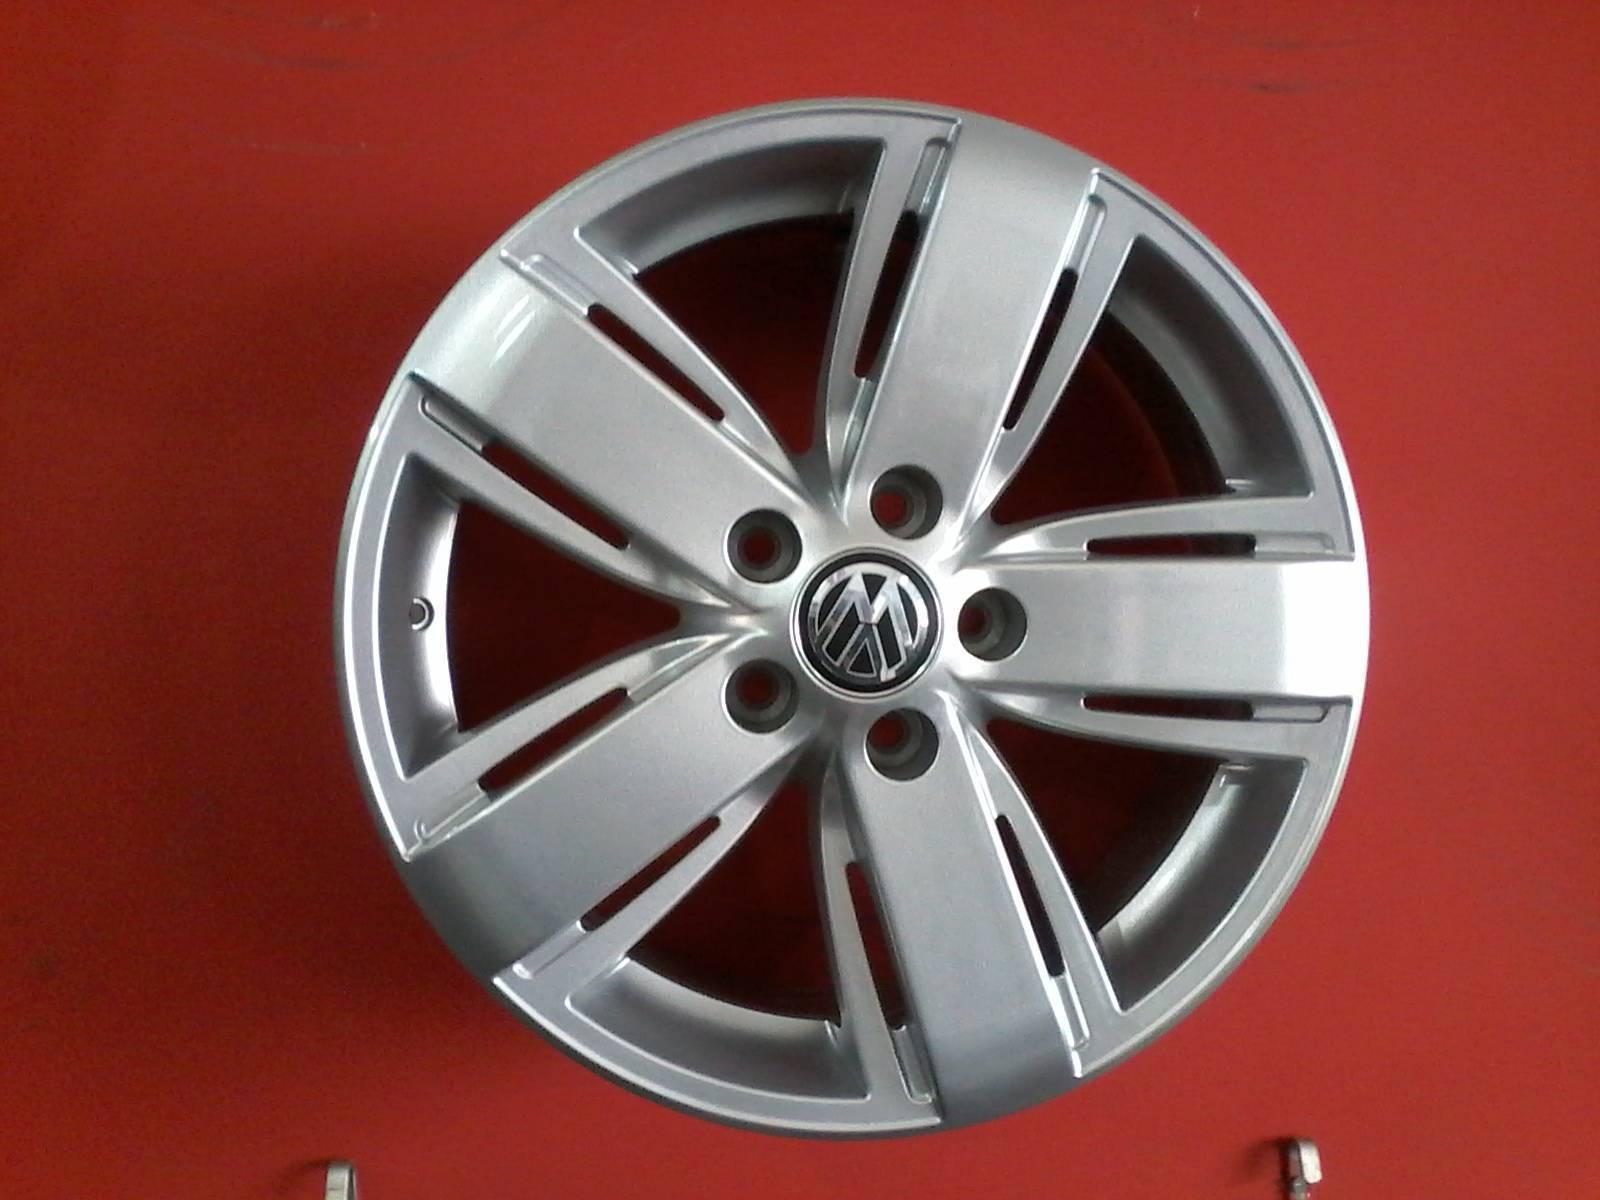 Jogo de Roda Replica Volkswagen Aro 18 5X120 ET 37- Replica Amarok - Dagostin Pneus